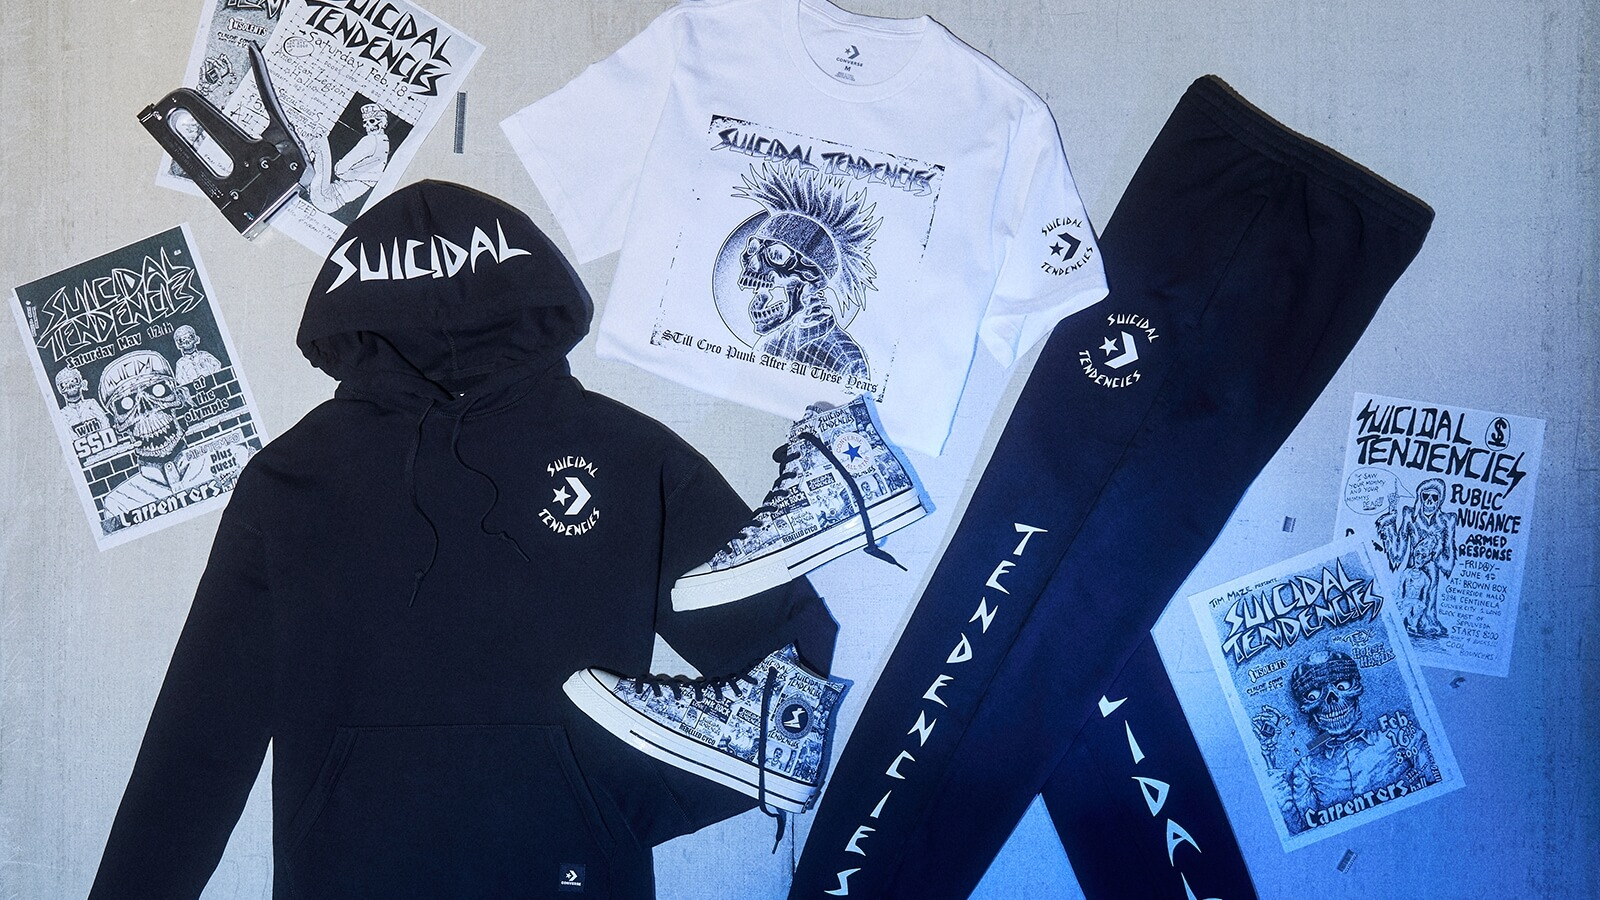 Suicidal Tendencies y Converse se unen en una colección que celebra el punk y la cultura skate